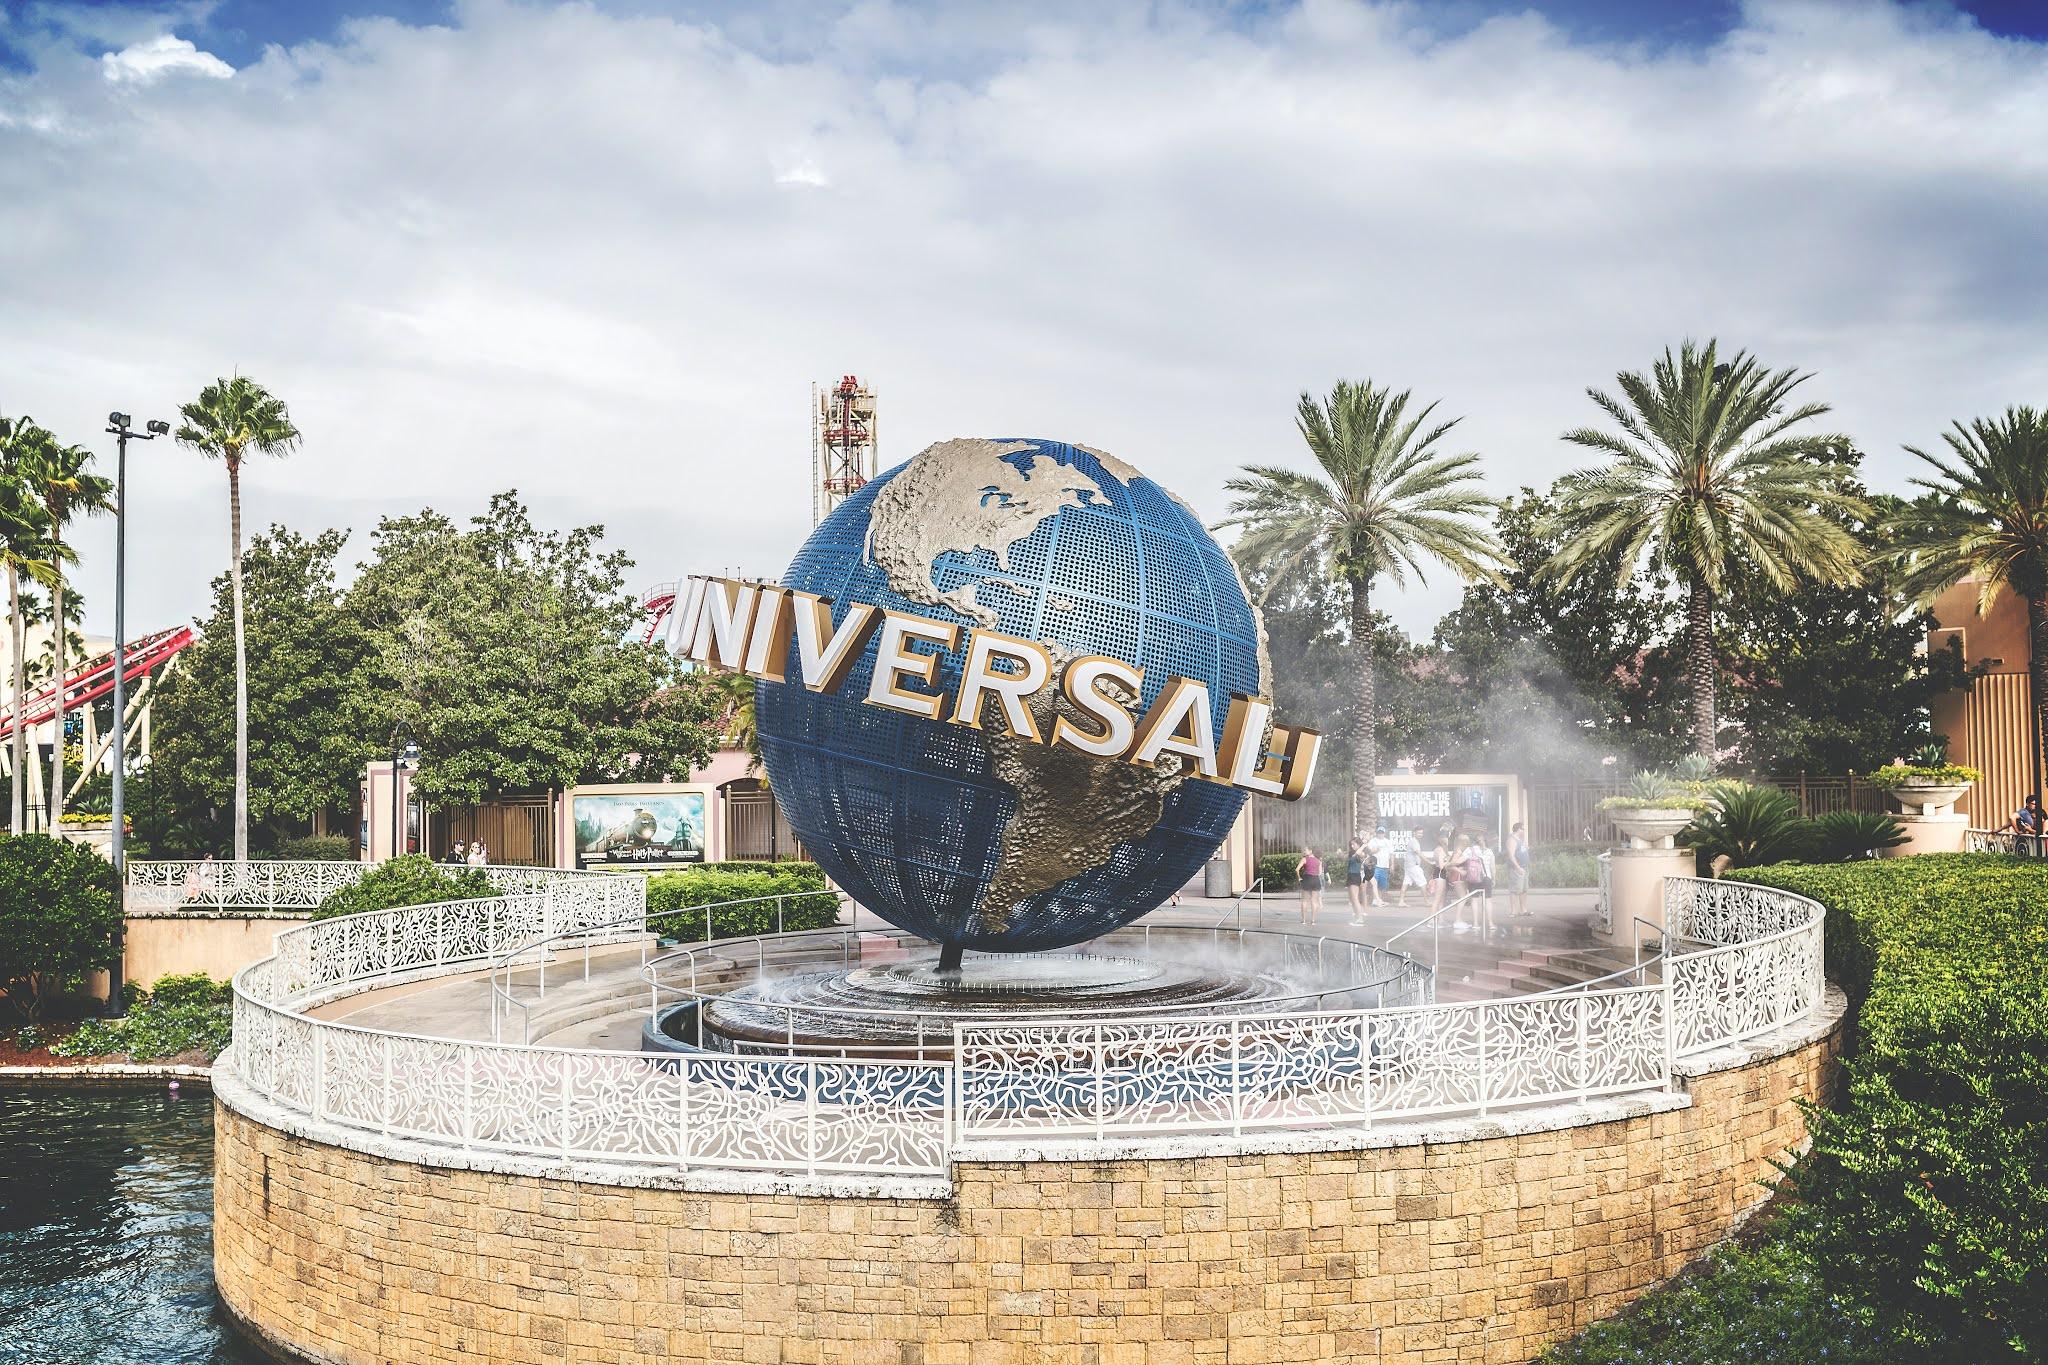 Parques da univeral Orlando